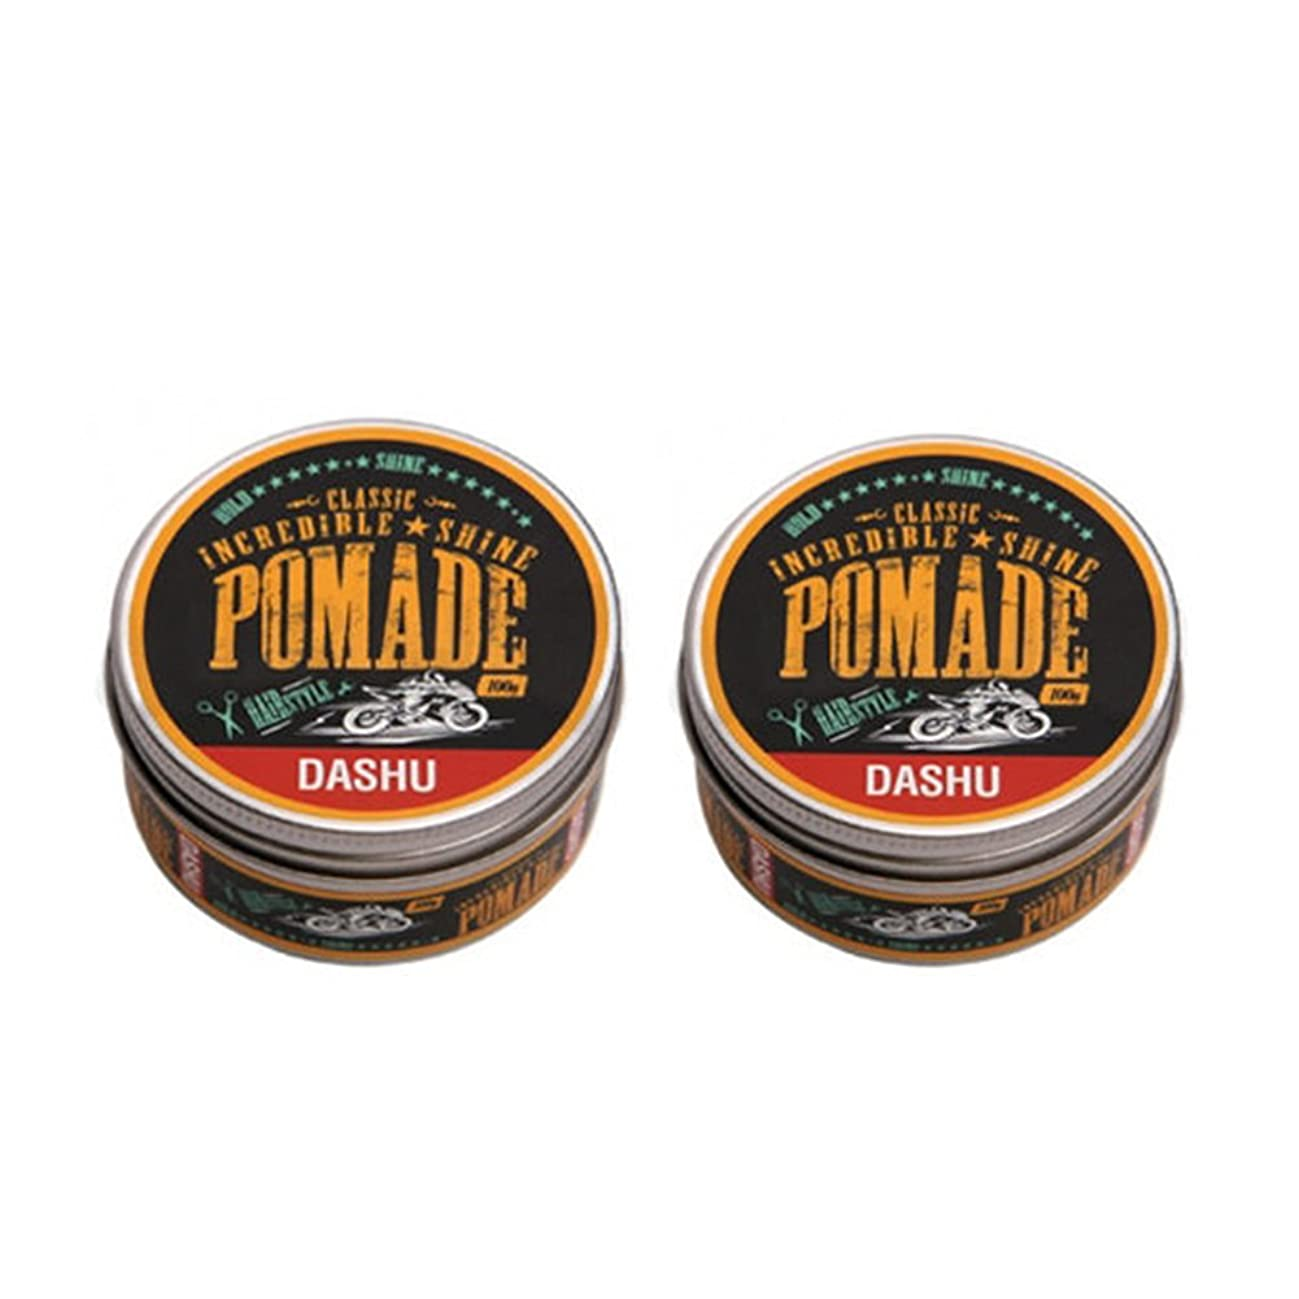 畝間食物してはいけない(2個セット) x [DASHU] ダシュ クラシック 信じられないほどの輝き ポマードワックス Classic Incredible Shine Pomade Hair Wax 100ml / 韓国製 . 韓国直送品